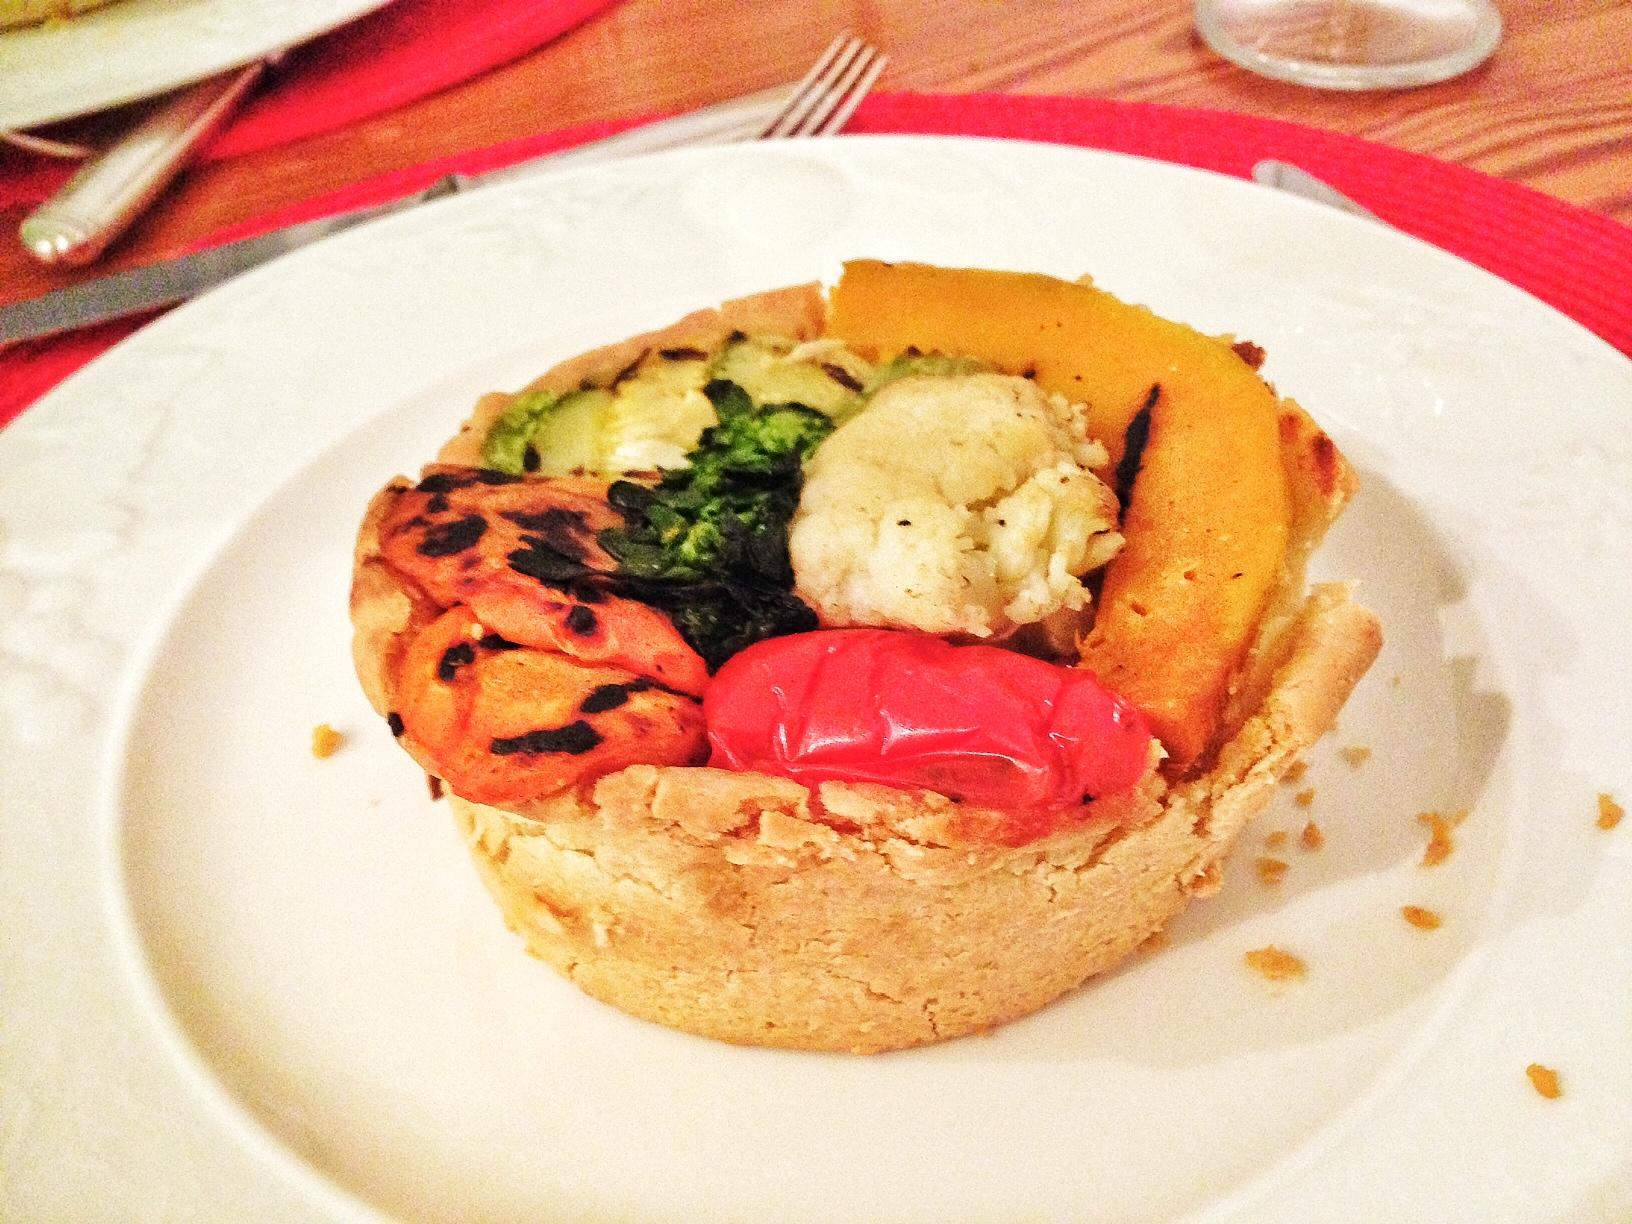 Torta rústica de vegetais:  vegetais tostados sobre creme de ricota e ervas frescas.